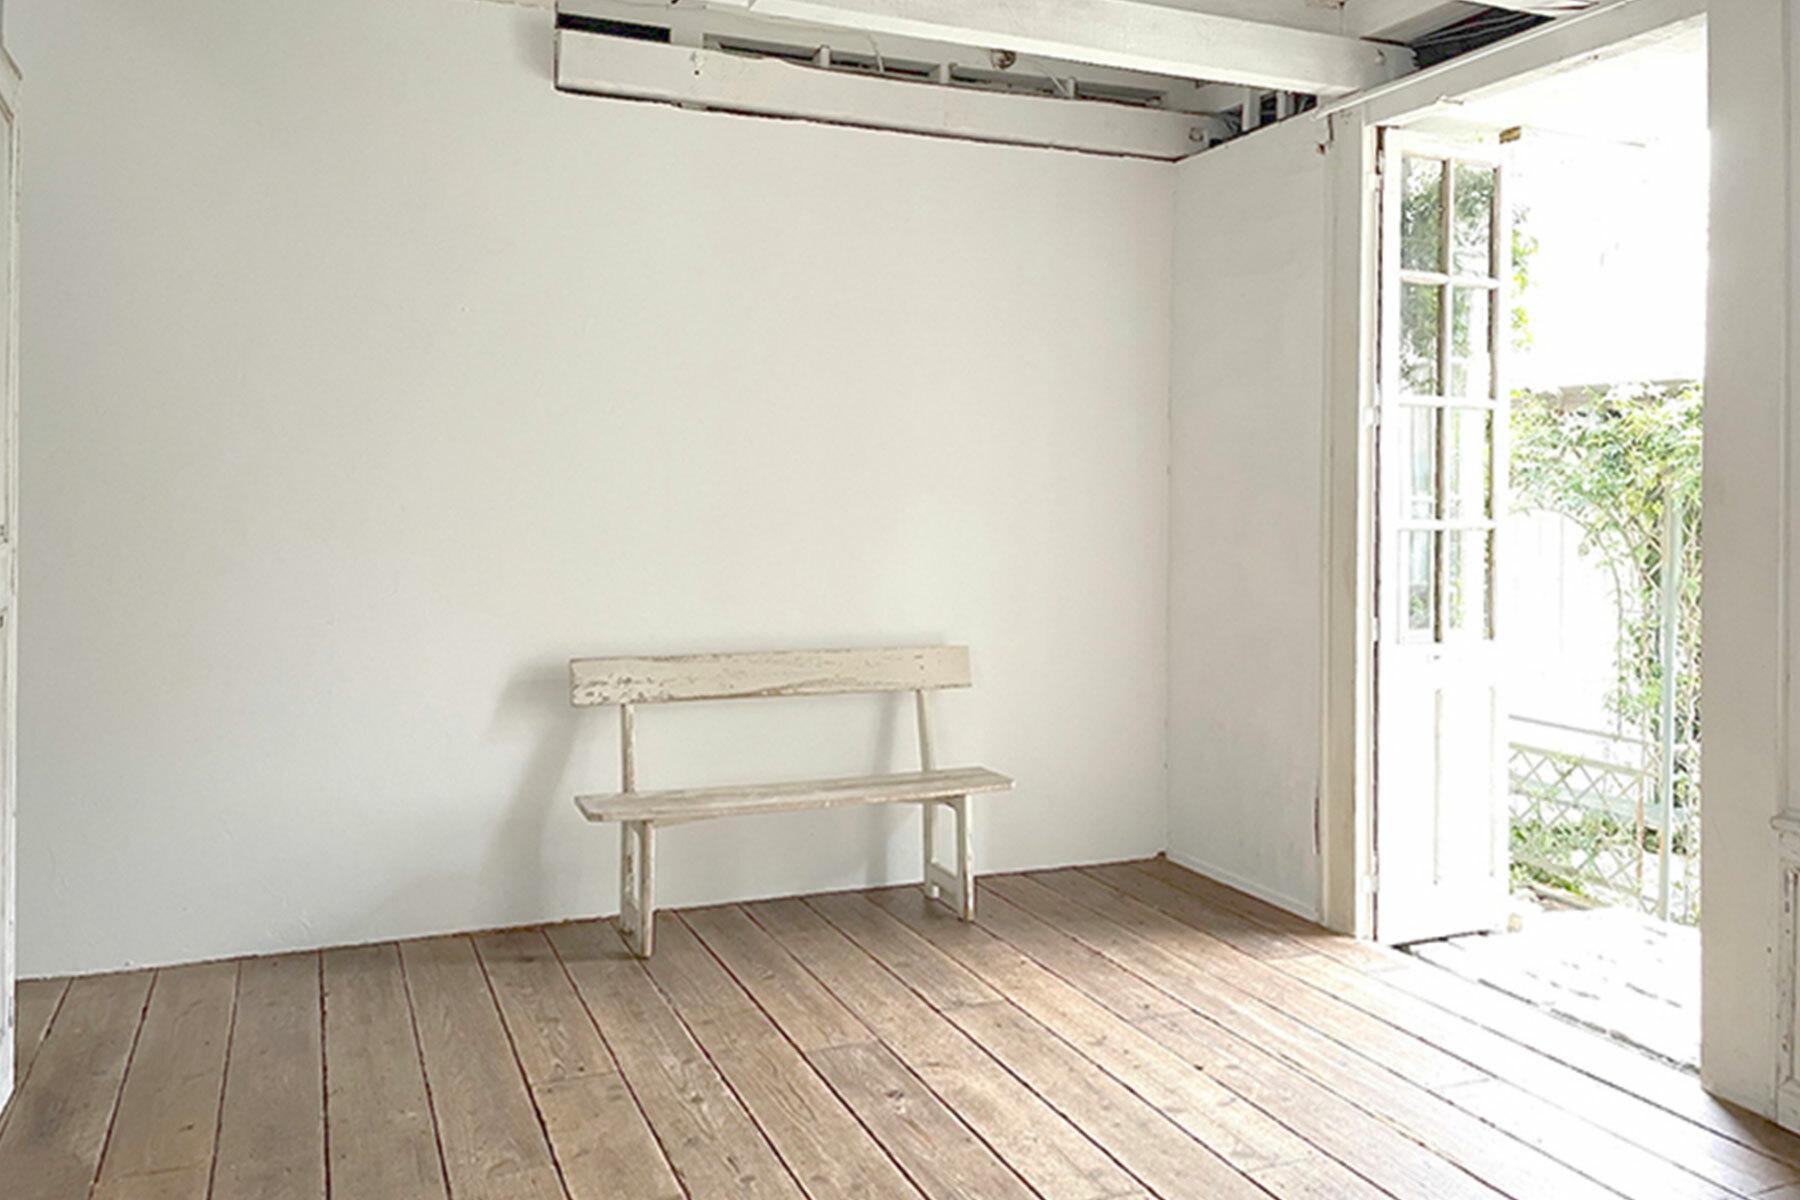 スタジオQue目黒碑文谷 (スタジオキュー)2F ブルーグレーの部屋